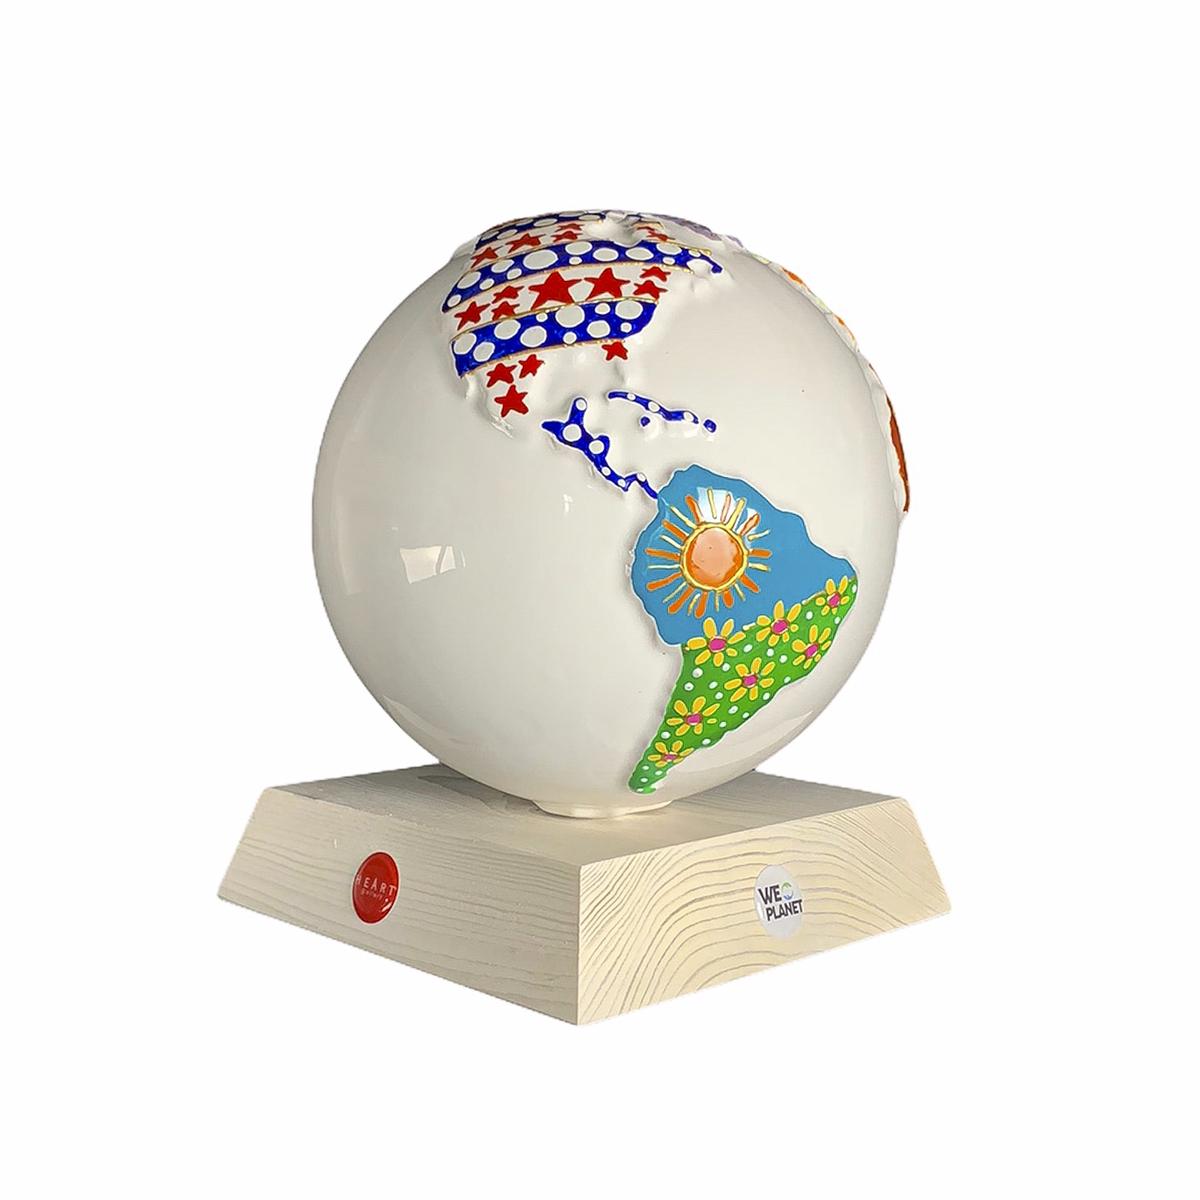 opera d'arte in ceramica raffigurante il pianeta decorato a mano